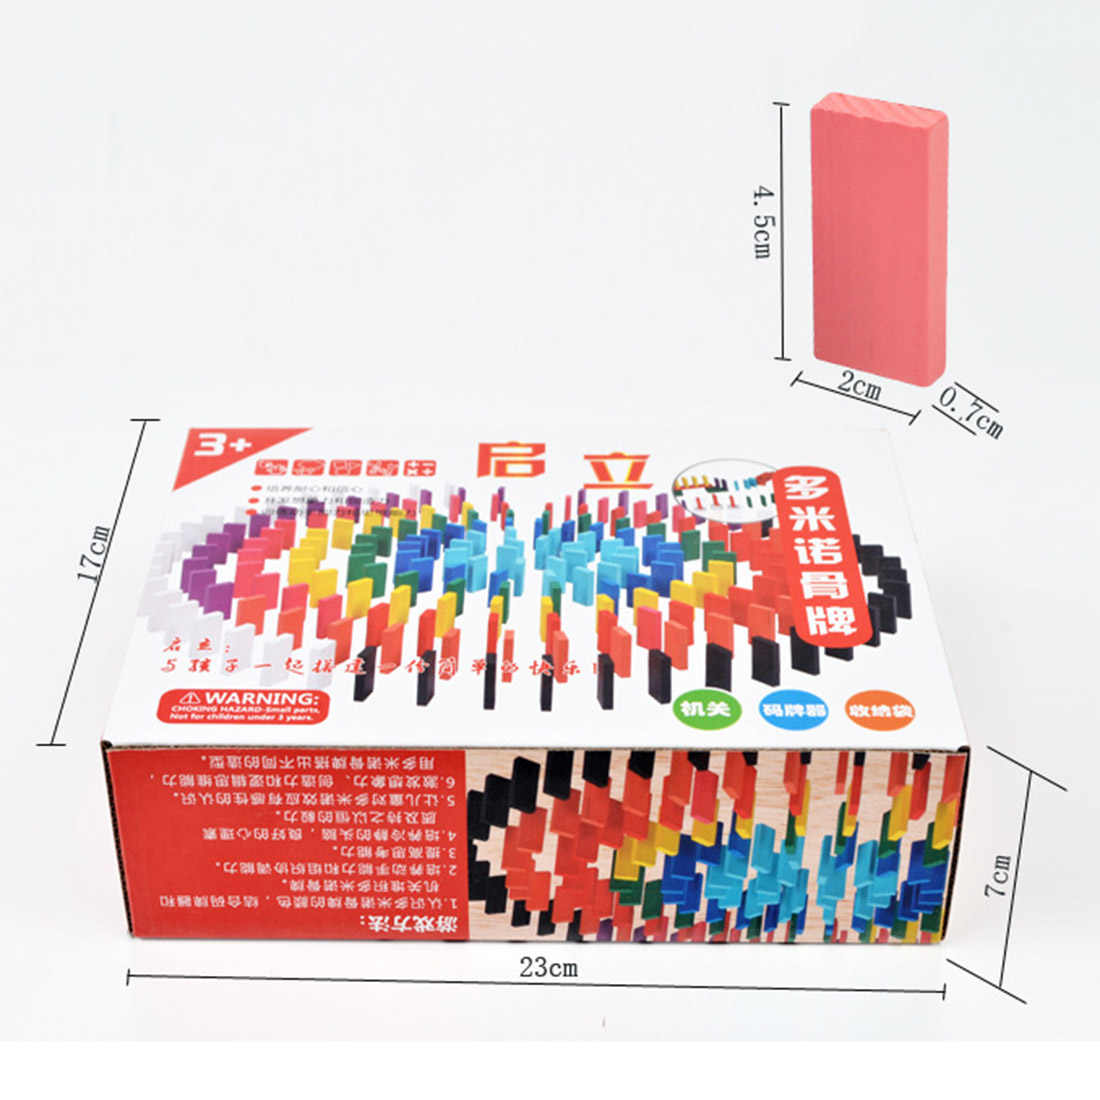 Surwish 200 шт деревянные кости Домино Набор для детские гоночные игры здание разведки и кубики для игр обучающая игрушка